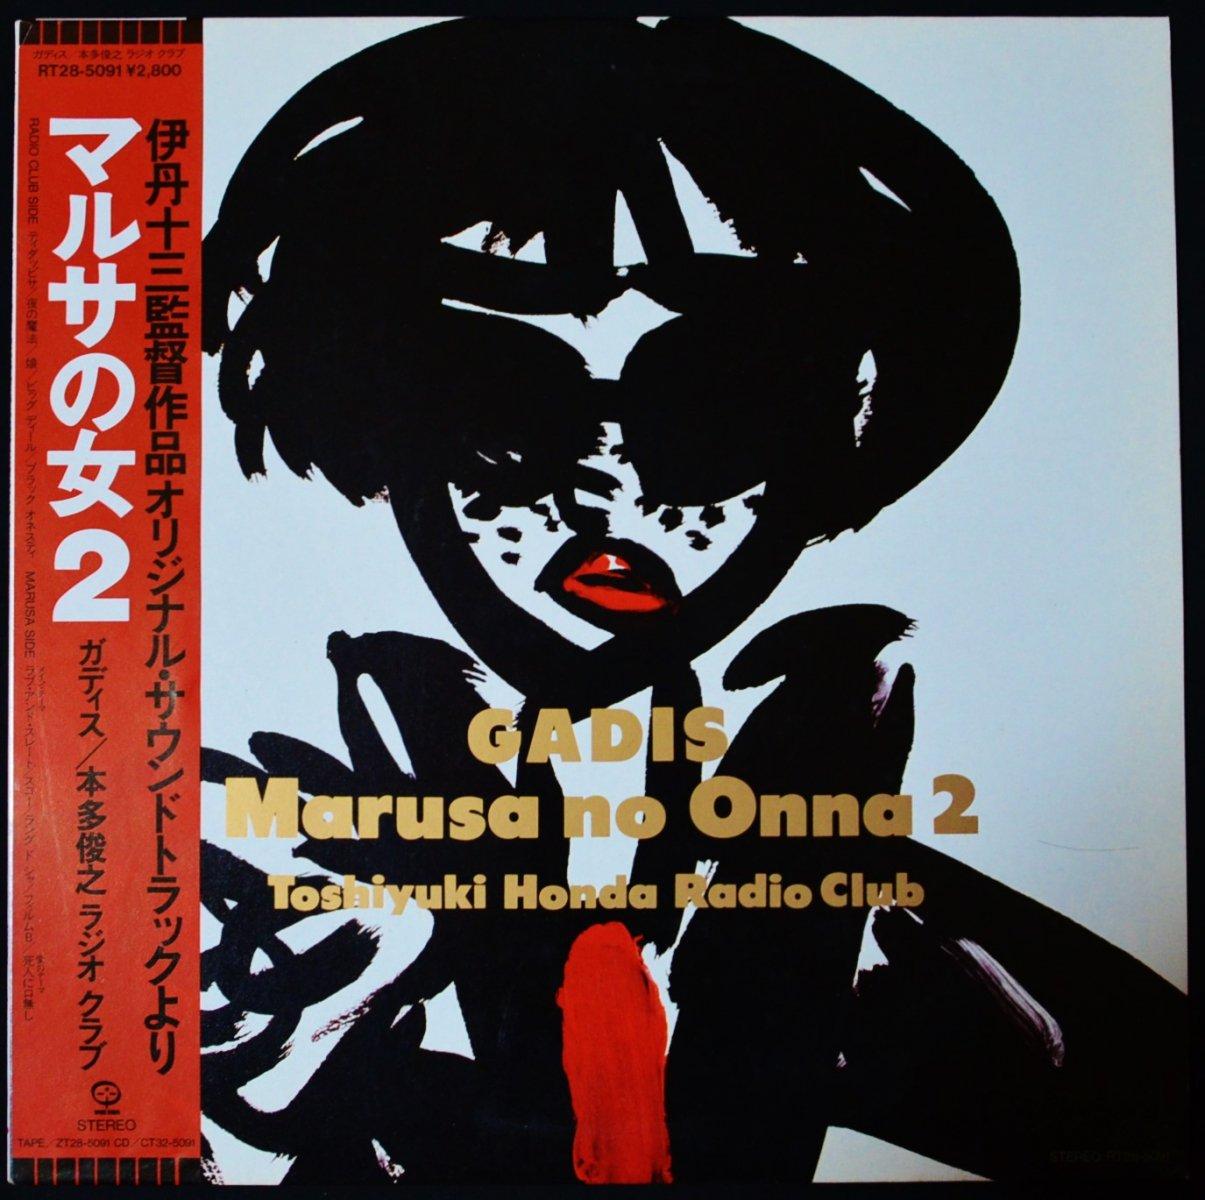 本多俊之 ラジオ・クラブ TOSHIYUKI HONDA RADIO CLUB / ガディス マルサの女2 GADS : MARUSA NO ONNA 2 (LP)